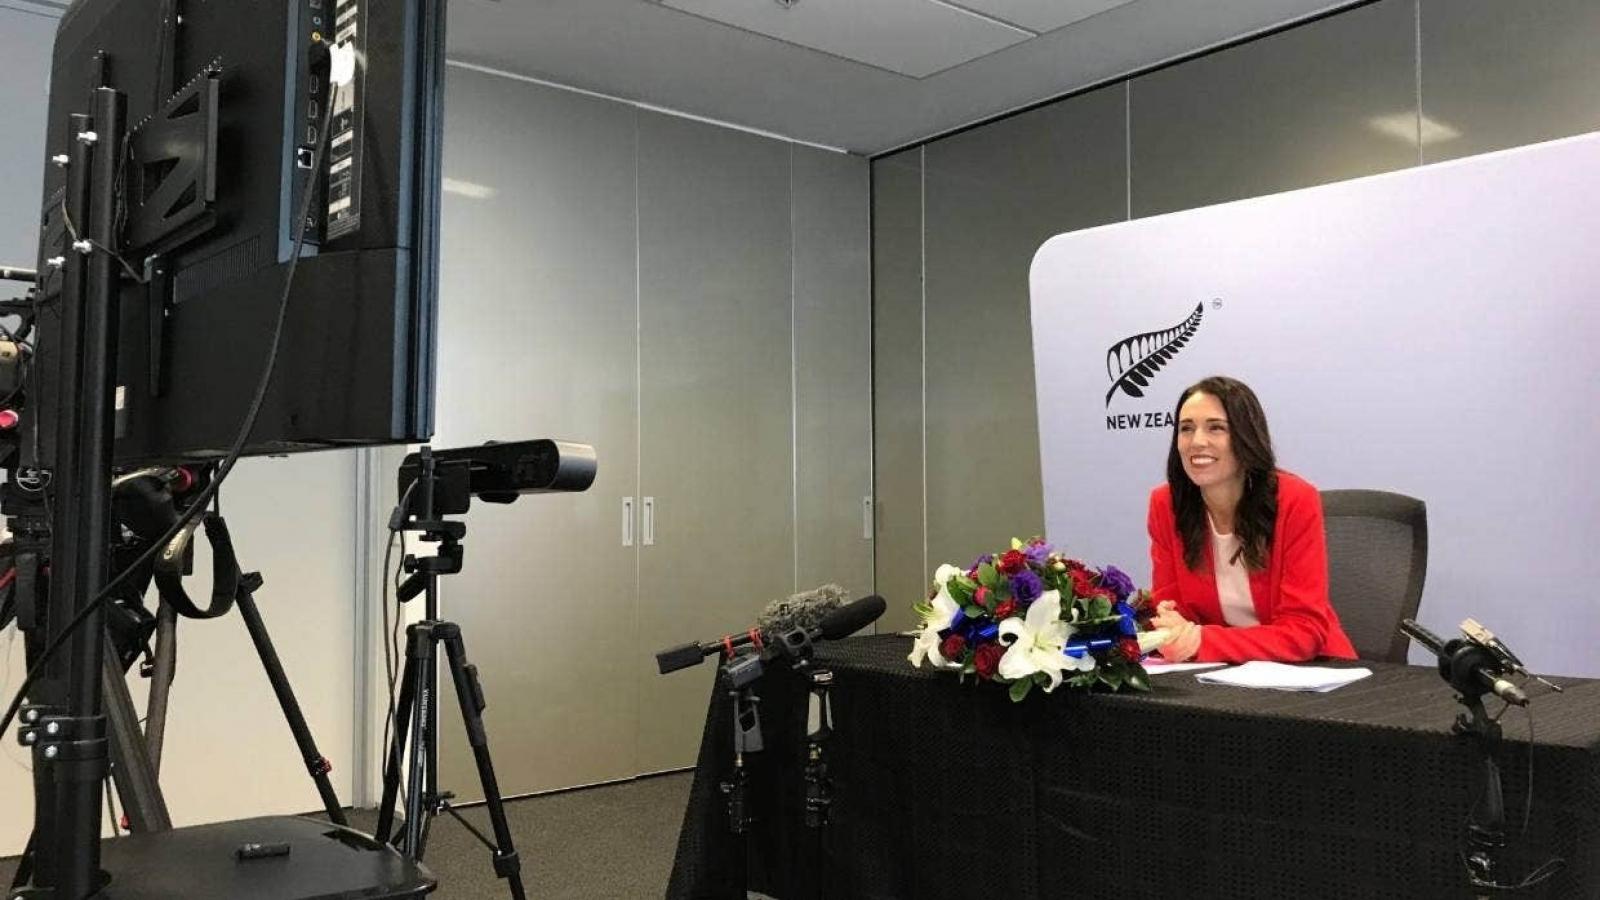 New Zealand tuyên bố sẽ không chọn phe trong cuộc cạnh tranh Mỹ-Trung